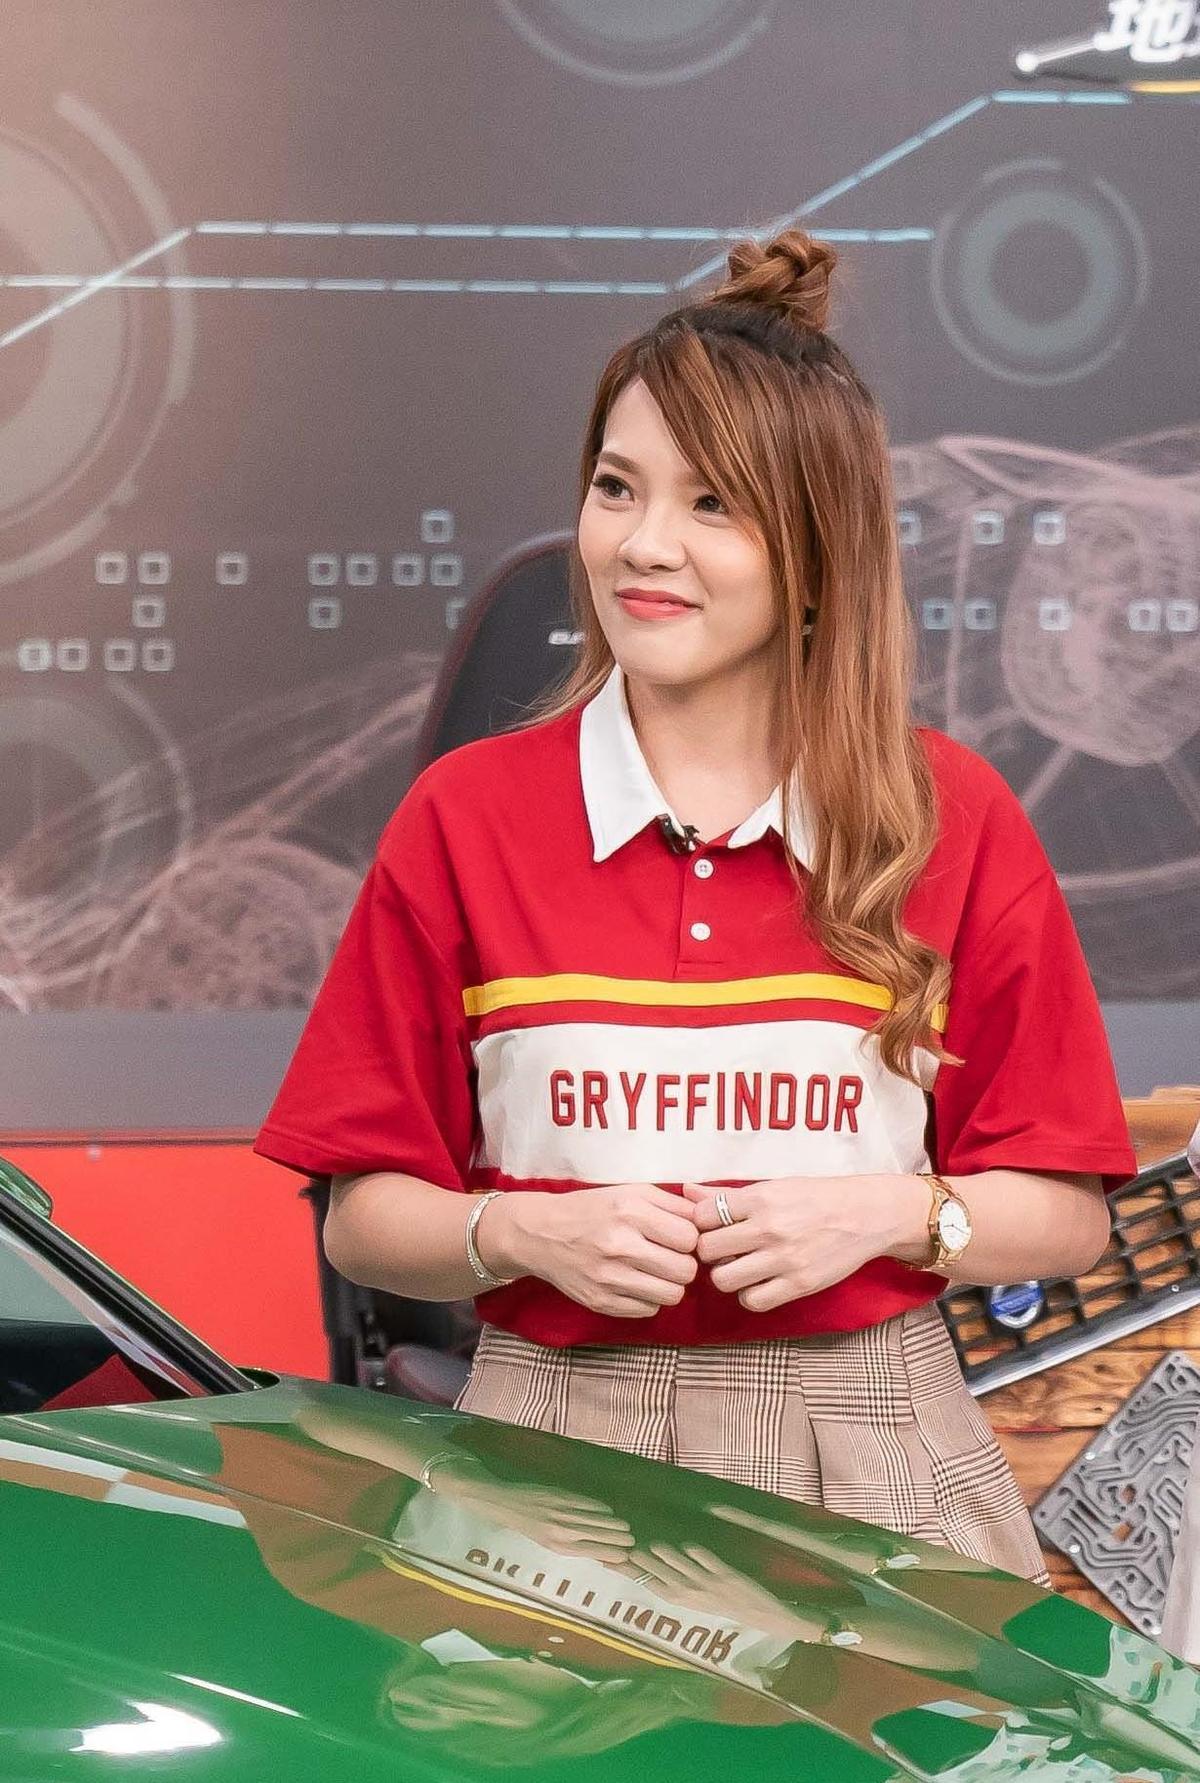 小優透露自己開車技術好到前男友屢屢在車上睡著,還要她當司機幫忙開車。(圖/TVBS提供)